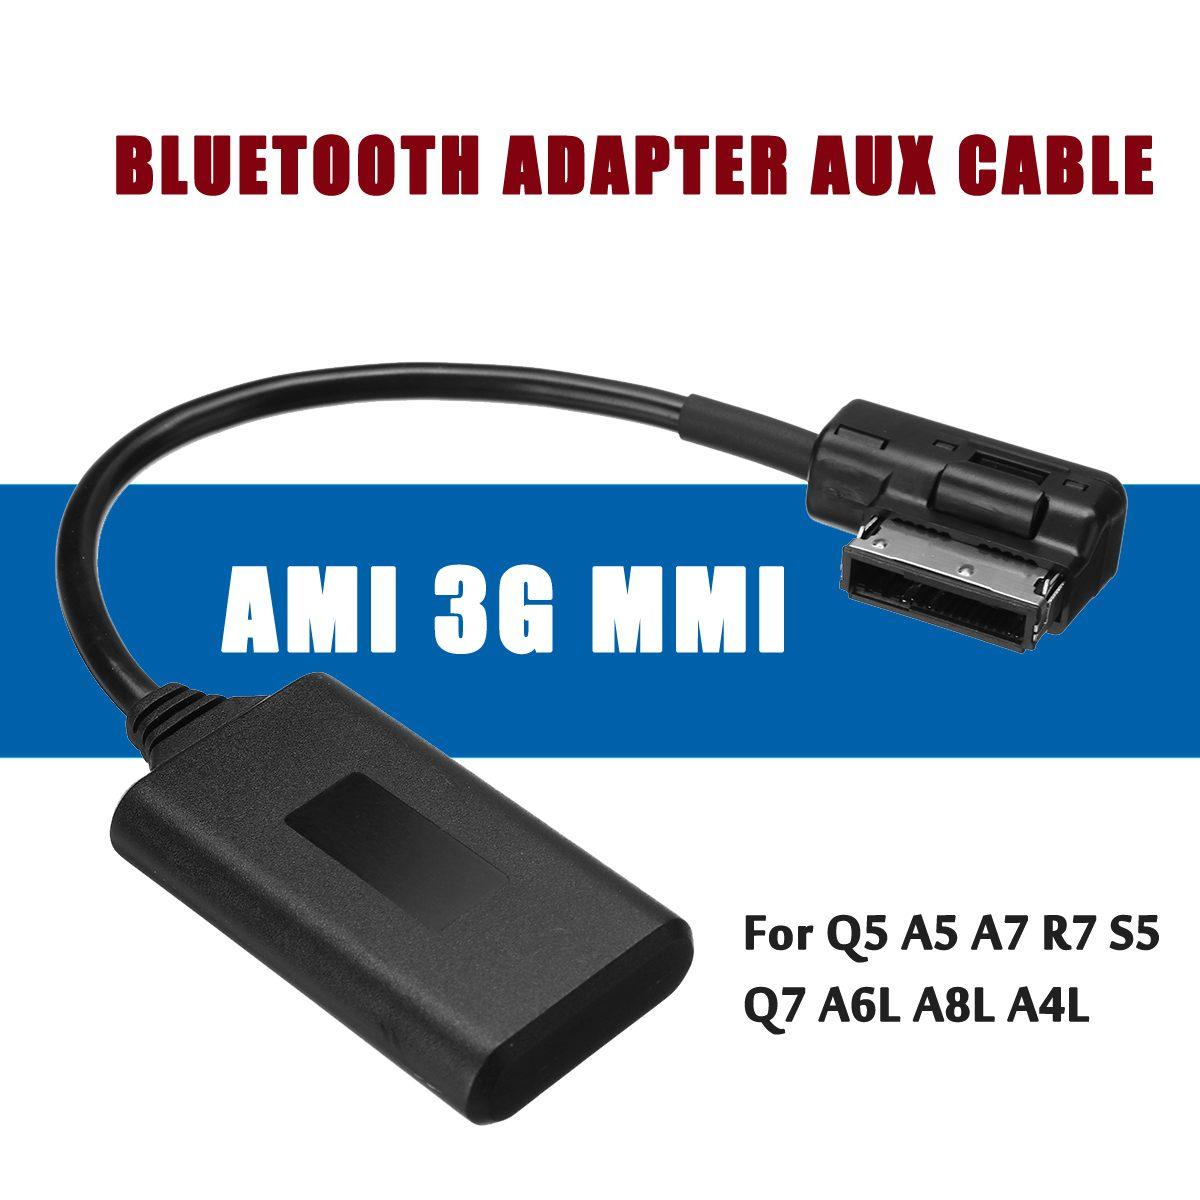 AMI MMI Bluetooth ModuleAdapter Aux Cavo di Ingresso Audio Aux Radio Senza Fili di Interfaccia Multimediale Per Audi Q5 A5 A7 R7 S5 q7 A6L A8L A4L